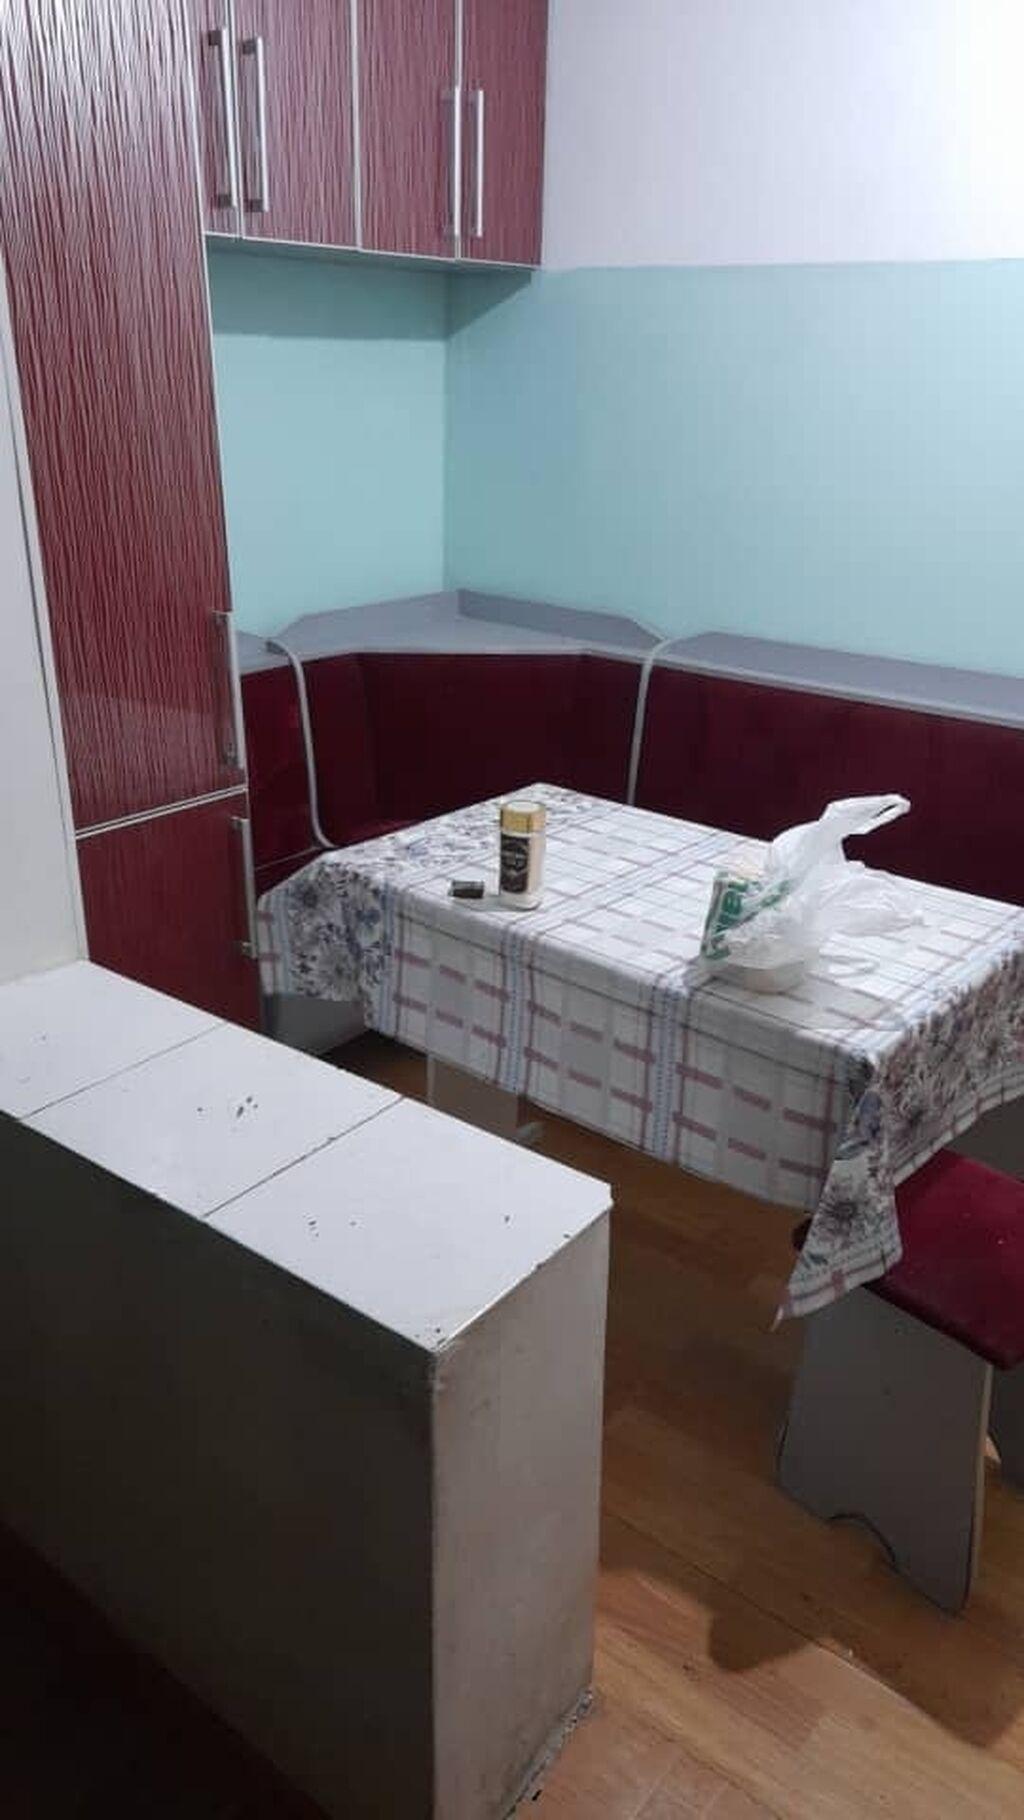 105 серия, 1 комната, 35 кв. м Бронированные двери: 105 серия, 1 комната, 35 кв. м Бронированные двери